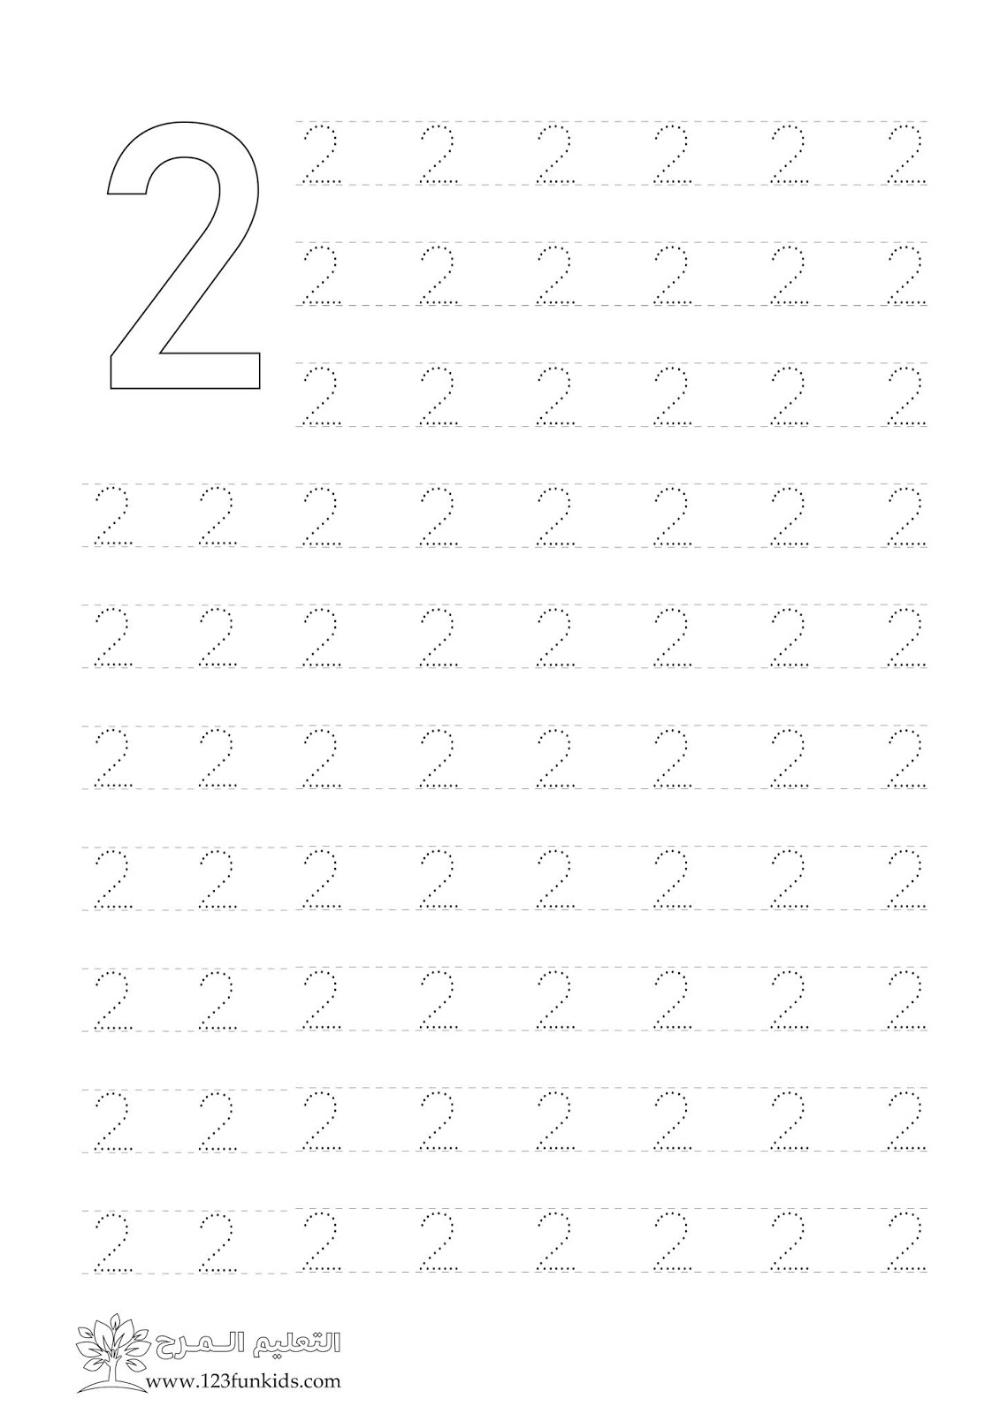 انشطة تعليمية للاطفال تعليم الأرقام للاطفال وتنمية مهارة الإمساك بالقلم 123 Fun Kids Numbers For Kids Learning Numbers Activities For Kids [ 1414 x 1000 Pixel ]